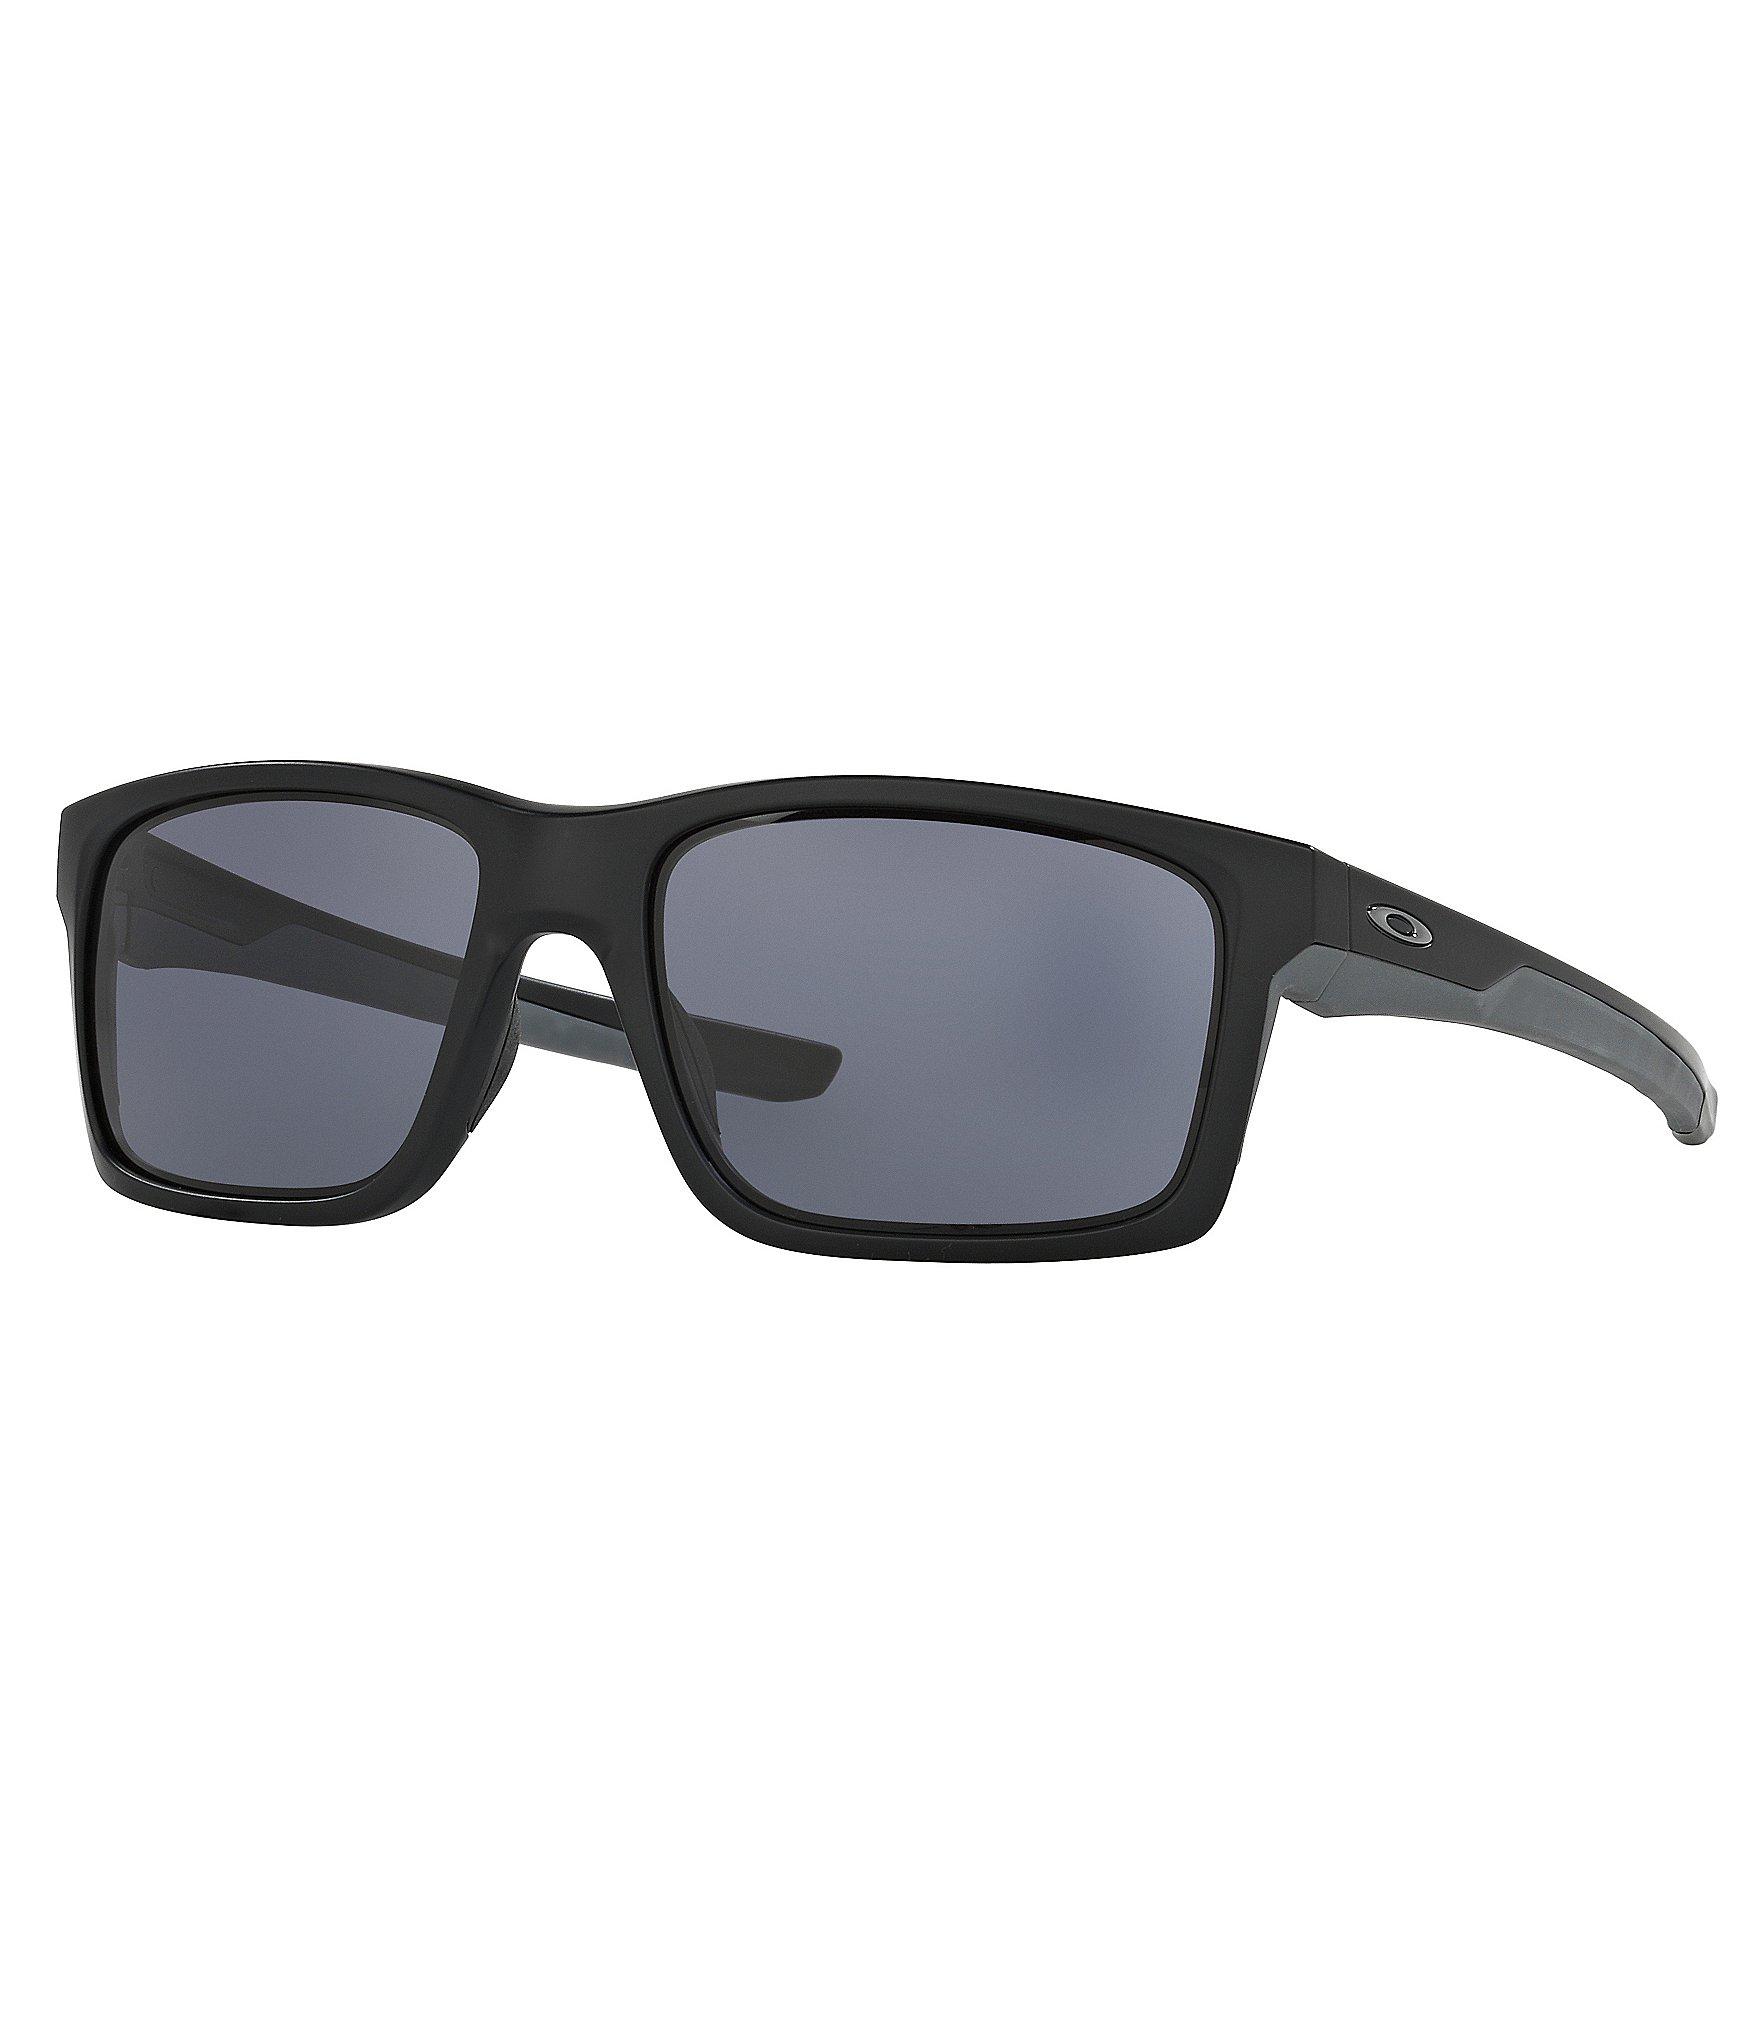 4ade4df14f Oakley Prescription Sunglasses Retailers « Heritage Malta